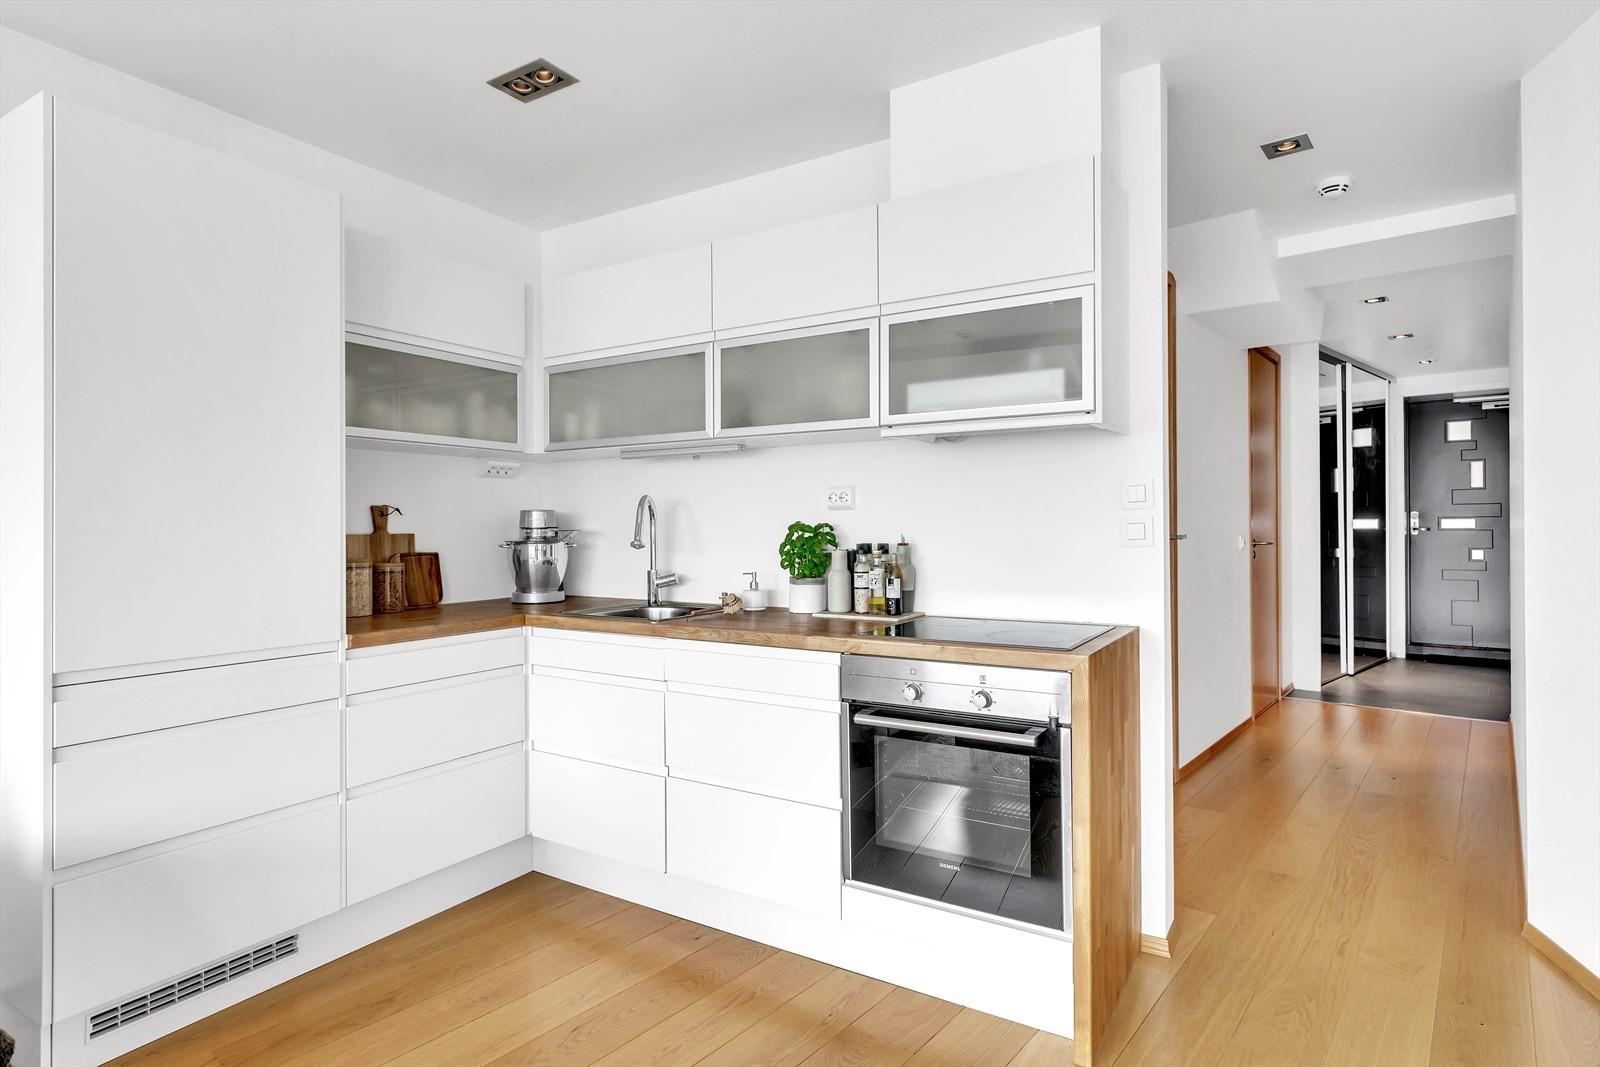 Fint kjøkken med helintegrerte hvitevarer. Heltre benkeplate. Godt med benke- og oppbevaringsplass